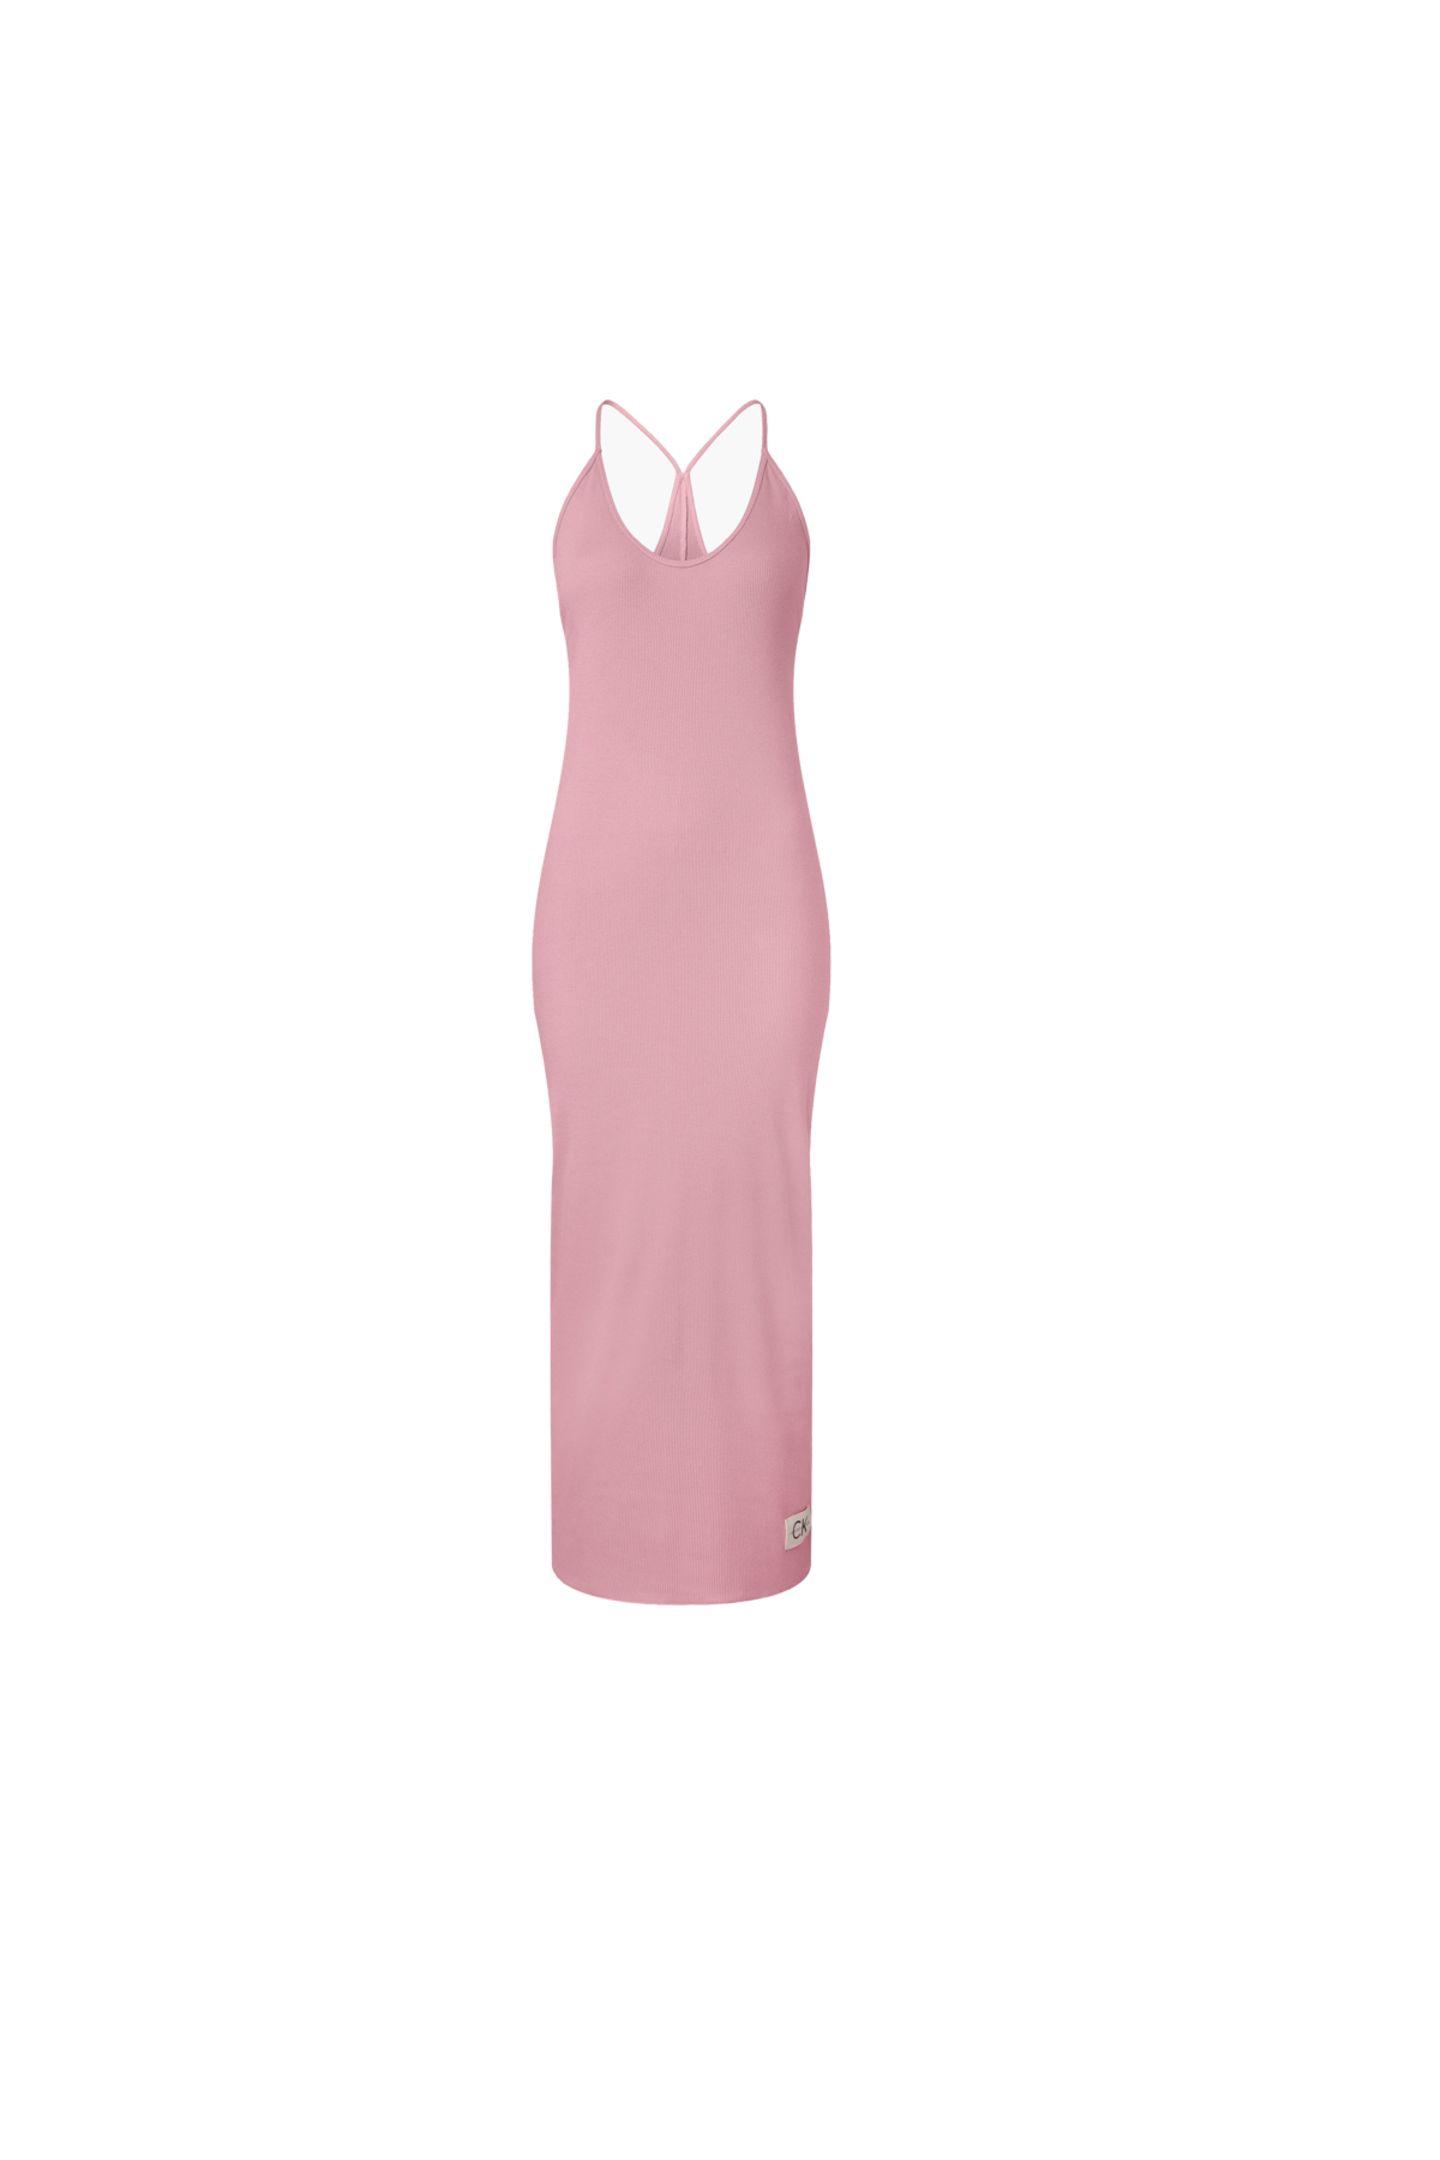 Alle Fashion-Zeichen stehen derzeit aufKomfort. Wie stylisch gerippte Baumwolle sein kann, zeigt dieses rosefarbeneLoungewear-Kleid mit Spaghetti-Trägern und in Maxi-Länge. Das wollen wir gar nicht mehr ausziehen. Von Calvin Klein, kostet ca. 55 Euro